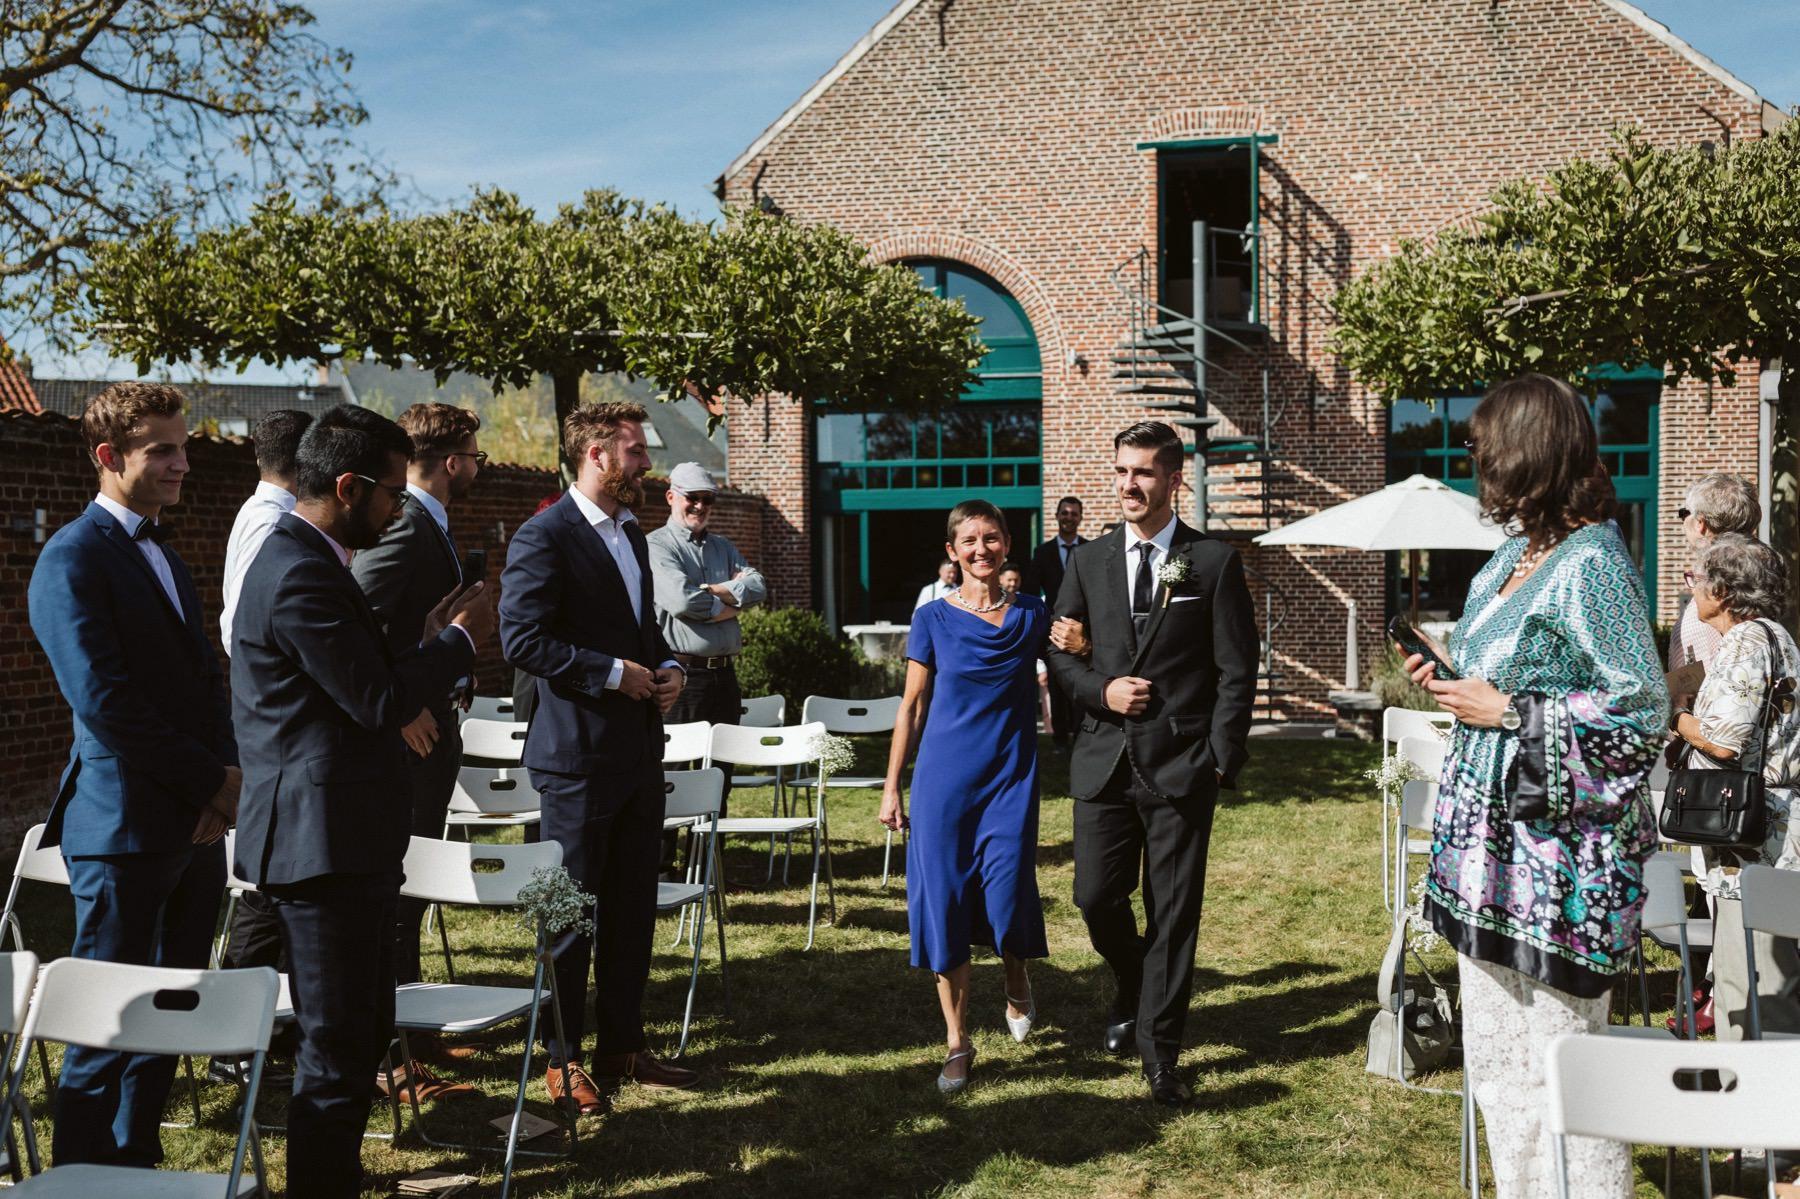 De Architect wedding venue Lennik